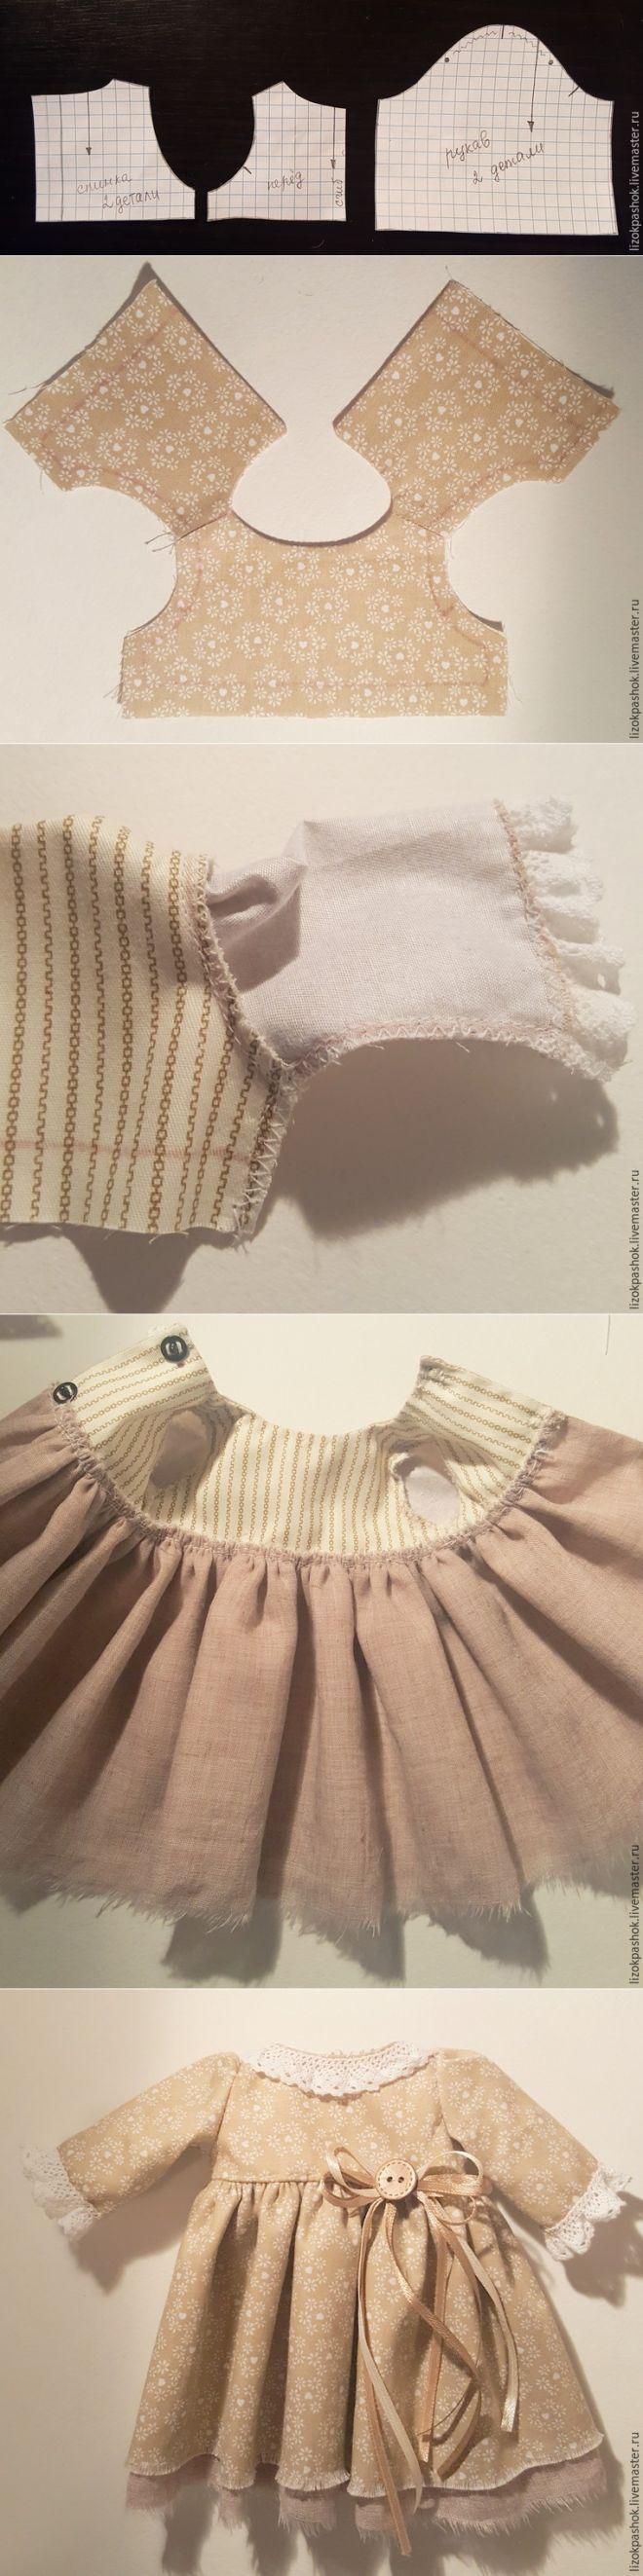 Шьем пасхальную зайку в стиле тильда. Часть 3: платье - Ярмарка Мастеров - ручная работа, handmade